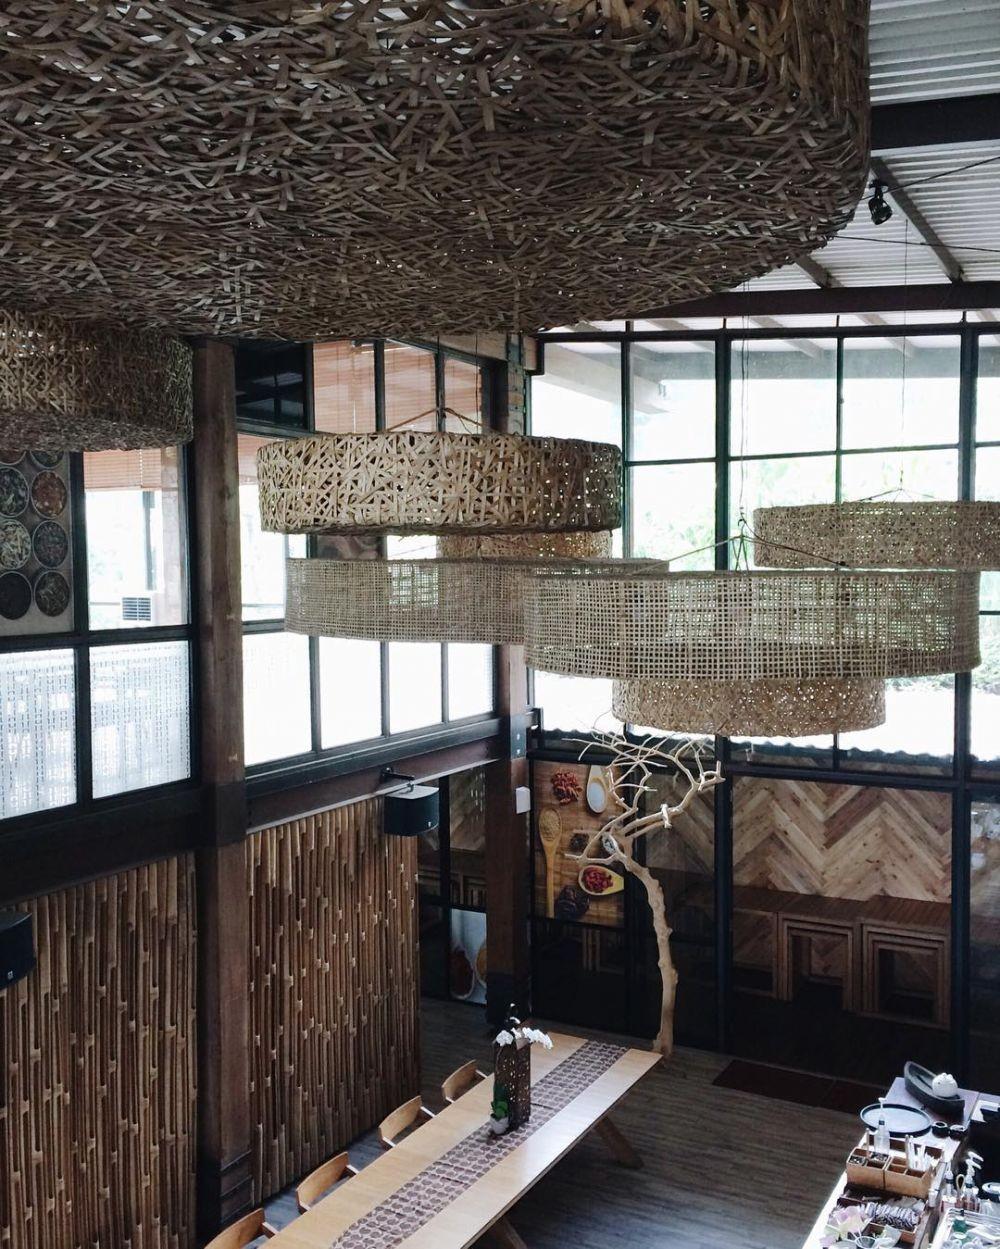 20 Wisata Kuliner di Bandung Paling Enak dan Terpopuler, Coba Yuk!